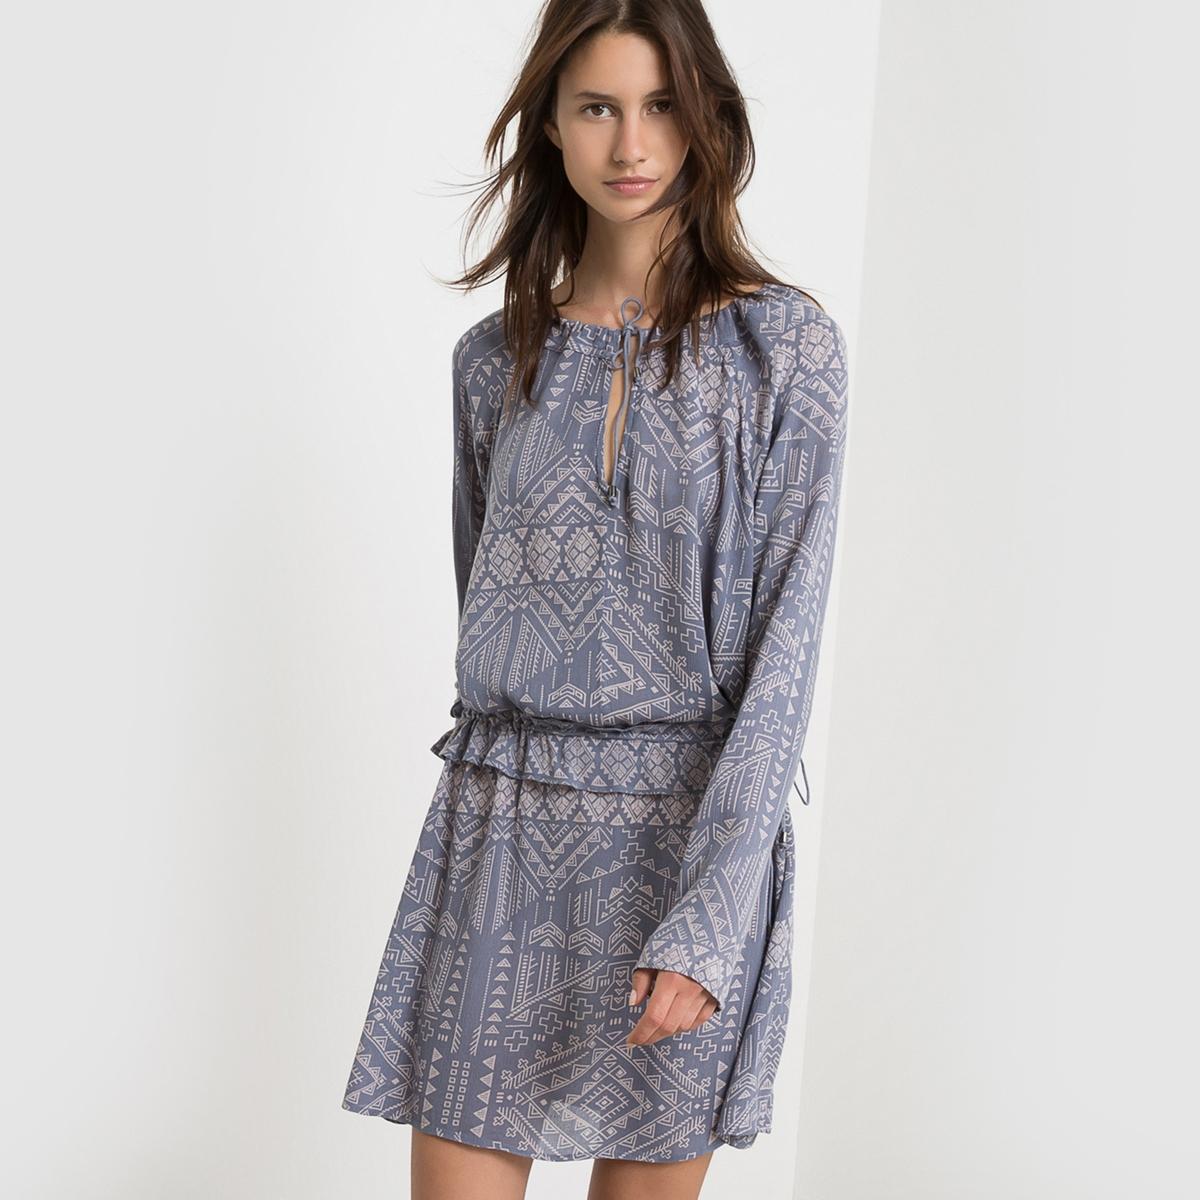 Платье приталенное с воланами VILUKKAL DRESSСостав и описание :Материал : 100% вискозы<br><br>Цвет: сине-серый<br>Размер: M